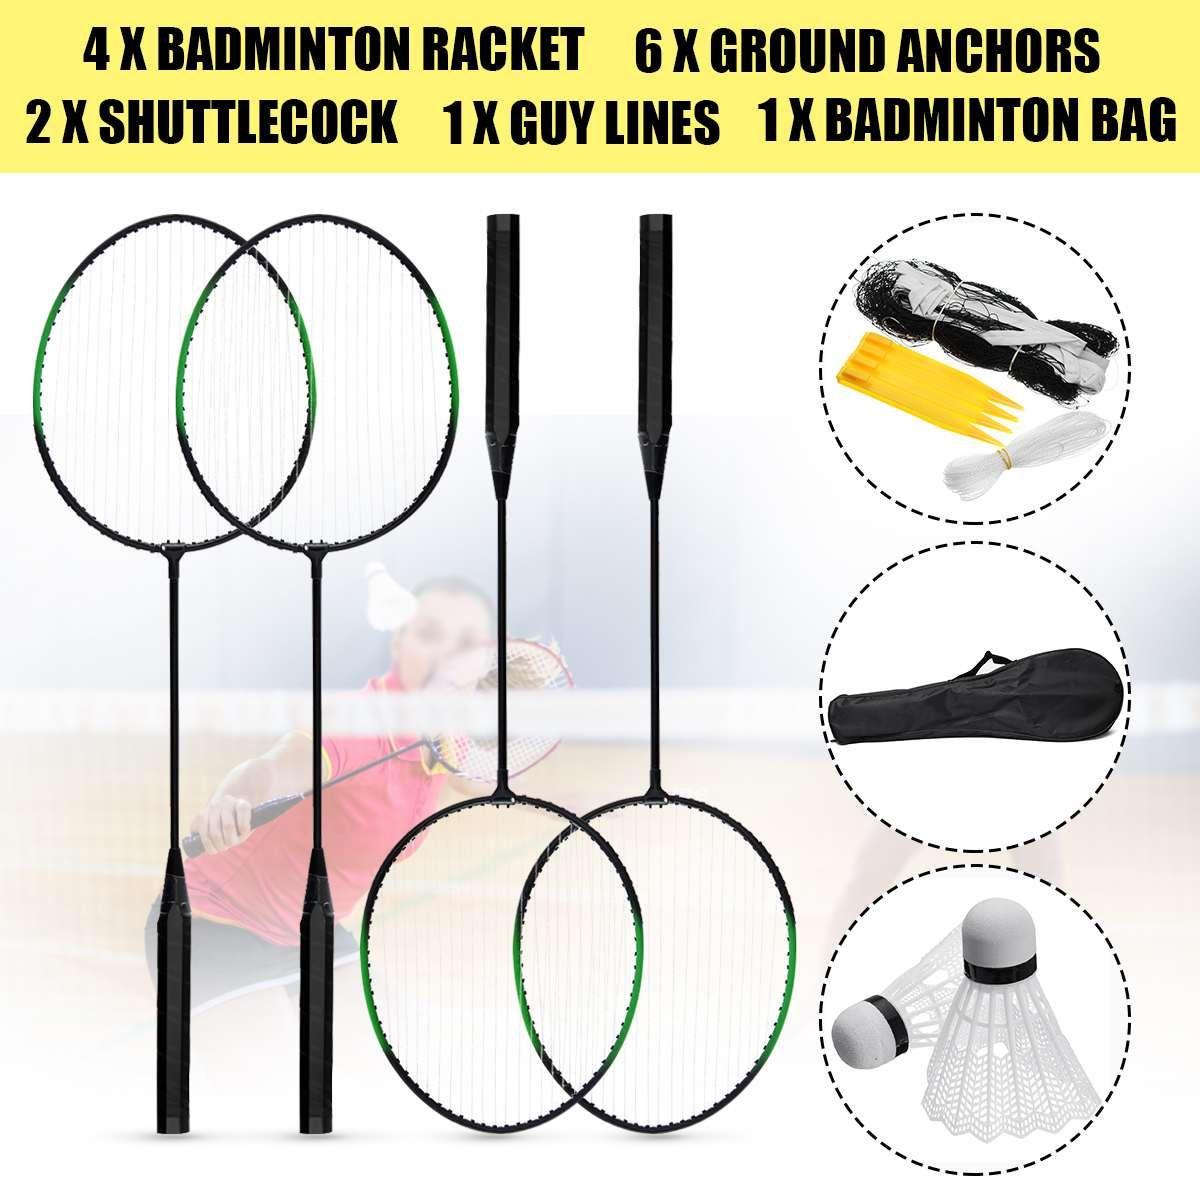 4 teile/satz Ausbildung Badminton Schläger Schläger mit Tragen Tasche Badminton Set Sport Ausrüstung 2 Federball + 6 Boden Anker